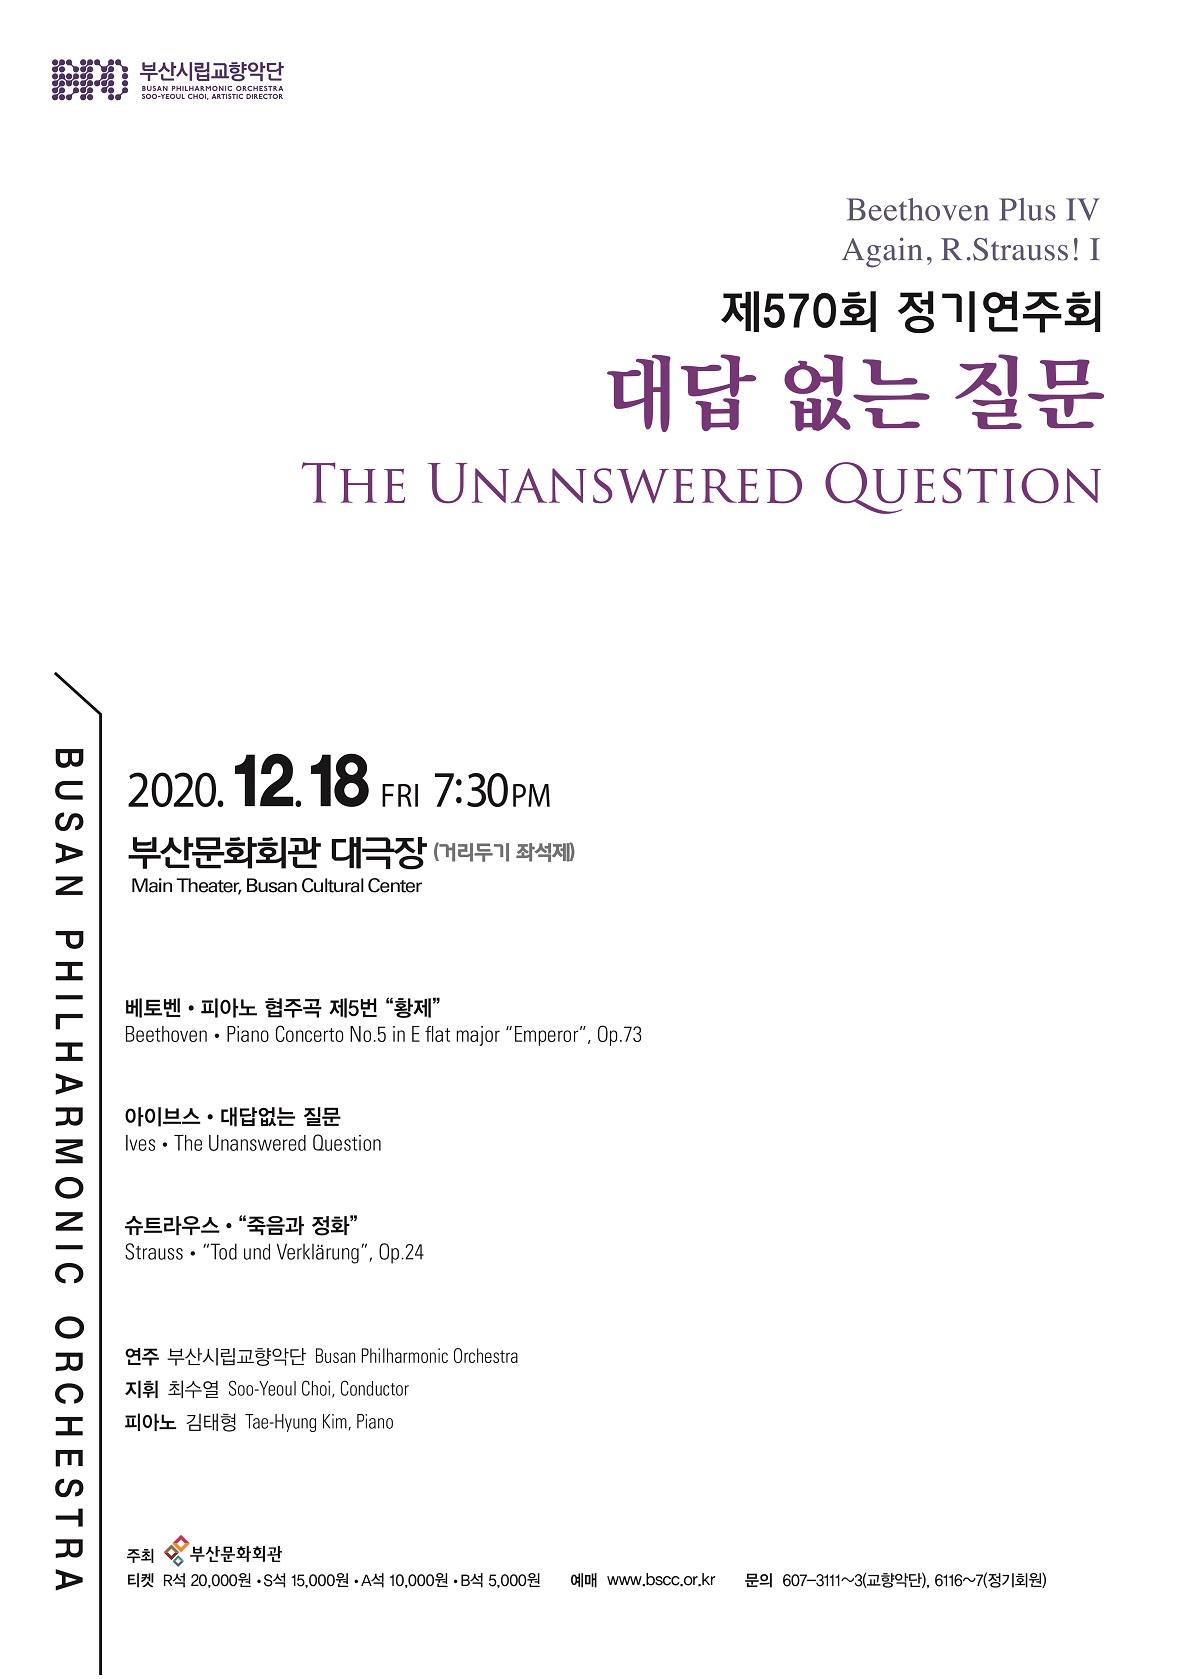 부산시립교향악단 제570회 정기연주회 ˝대답 없는 질문˝